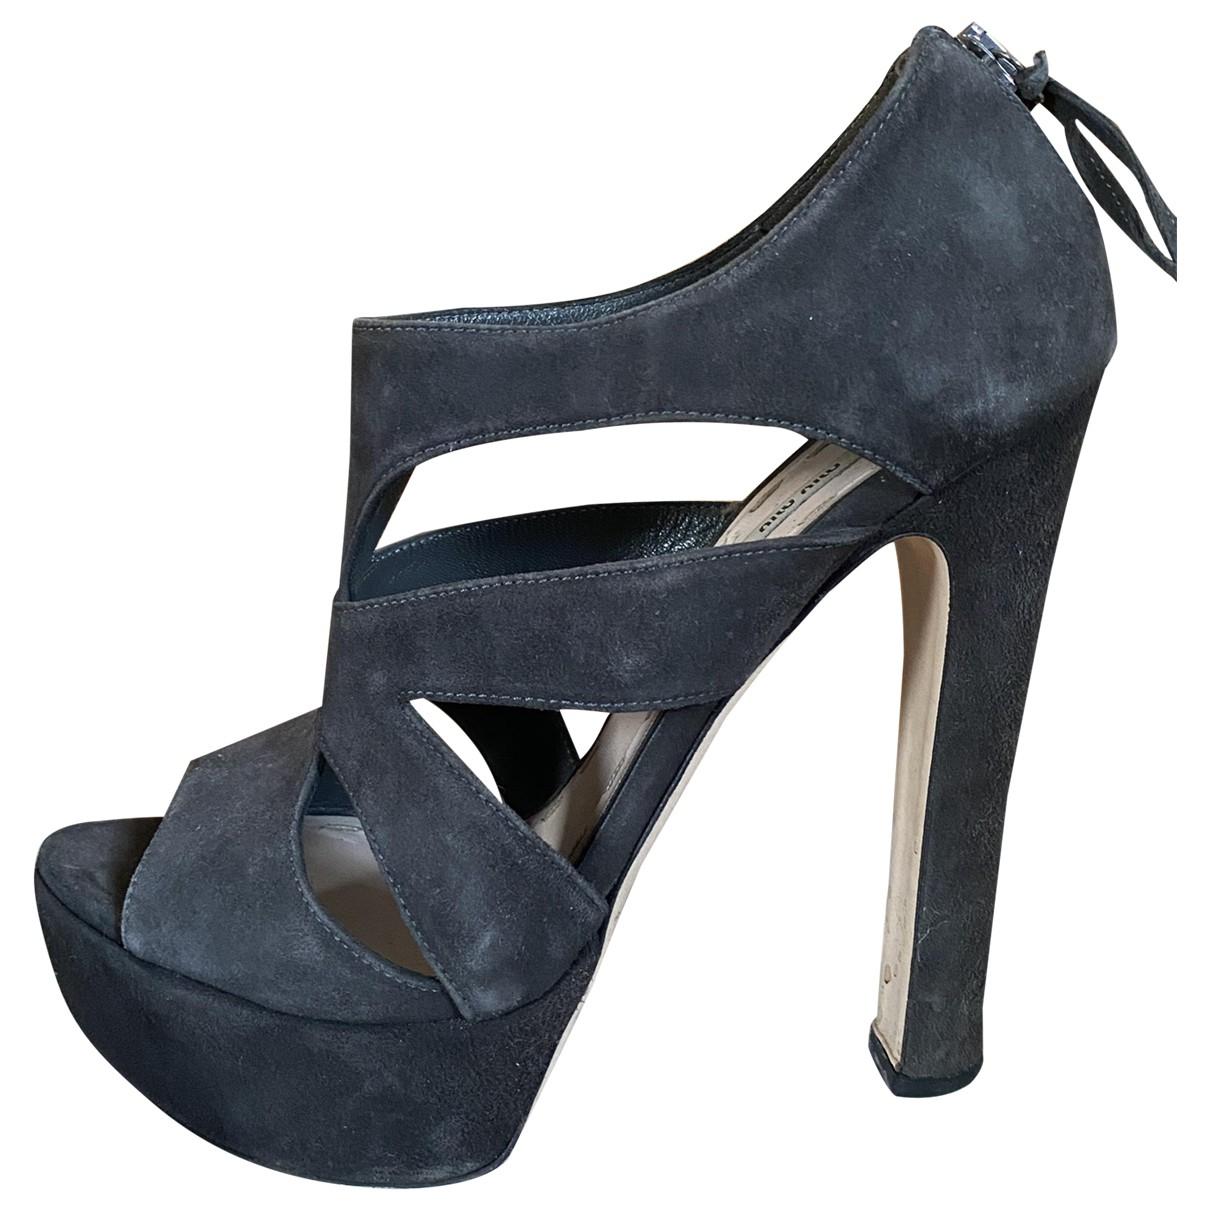 Miu Miu N Black Suede Heels for Women 36 IT